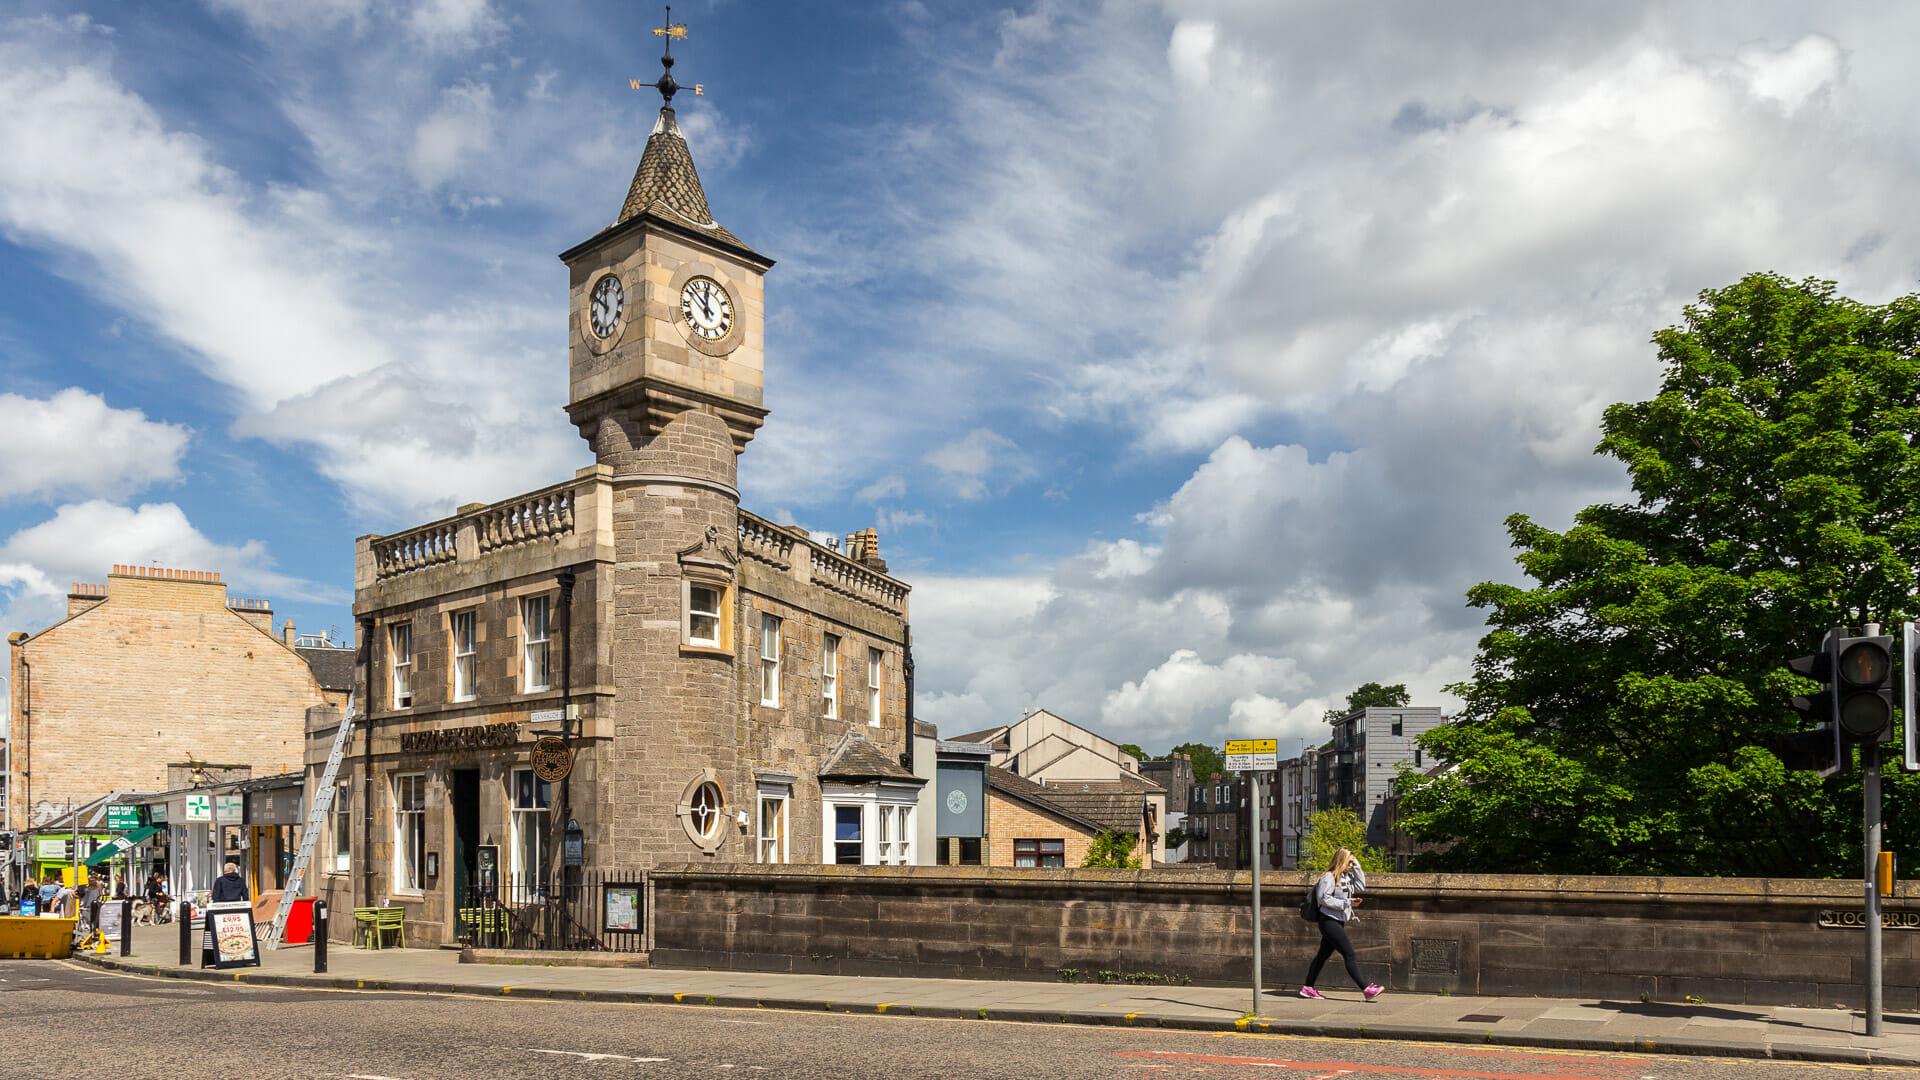 Stockbridge und die alte Bank mit dem Uhrenturm